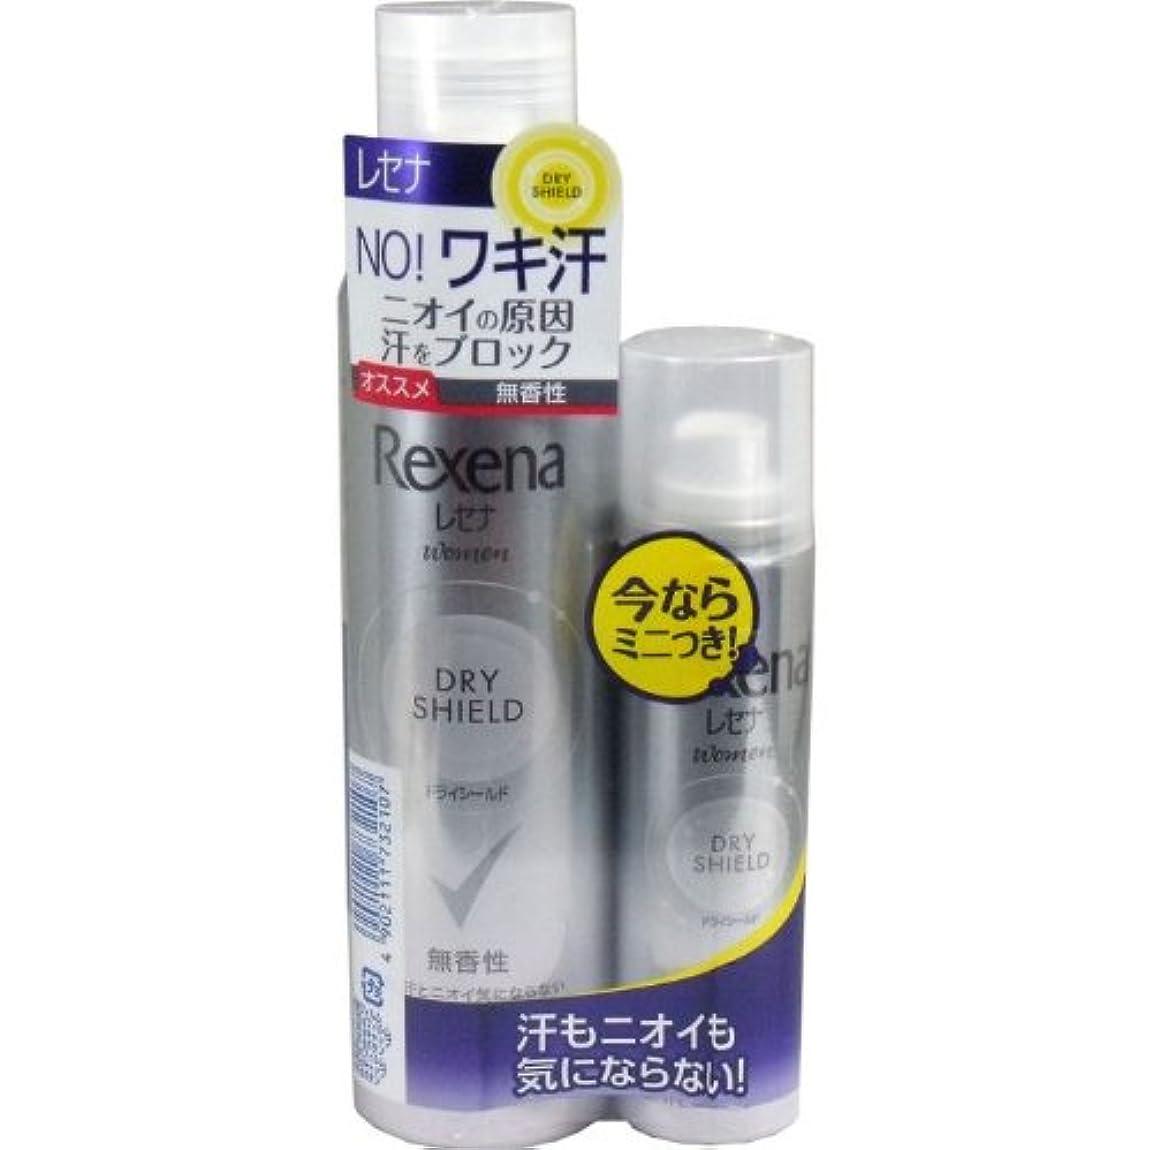 甘味贅沢な解放レセナ ドライシールドパウダースプレー 無香性 135g+(おまけ45g付き) 【4個セット】